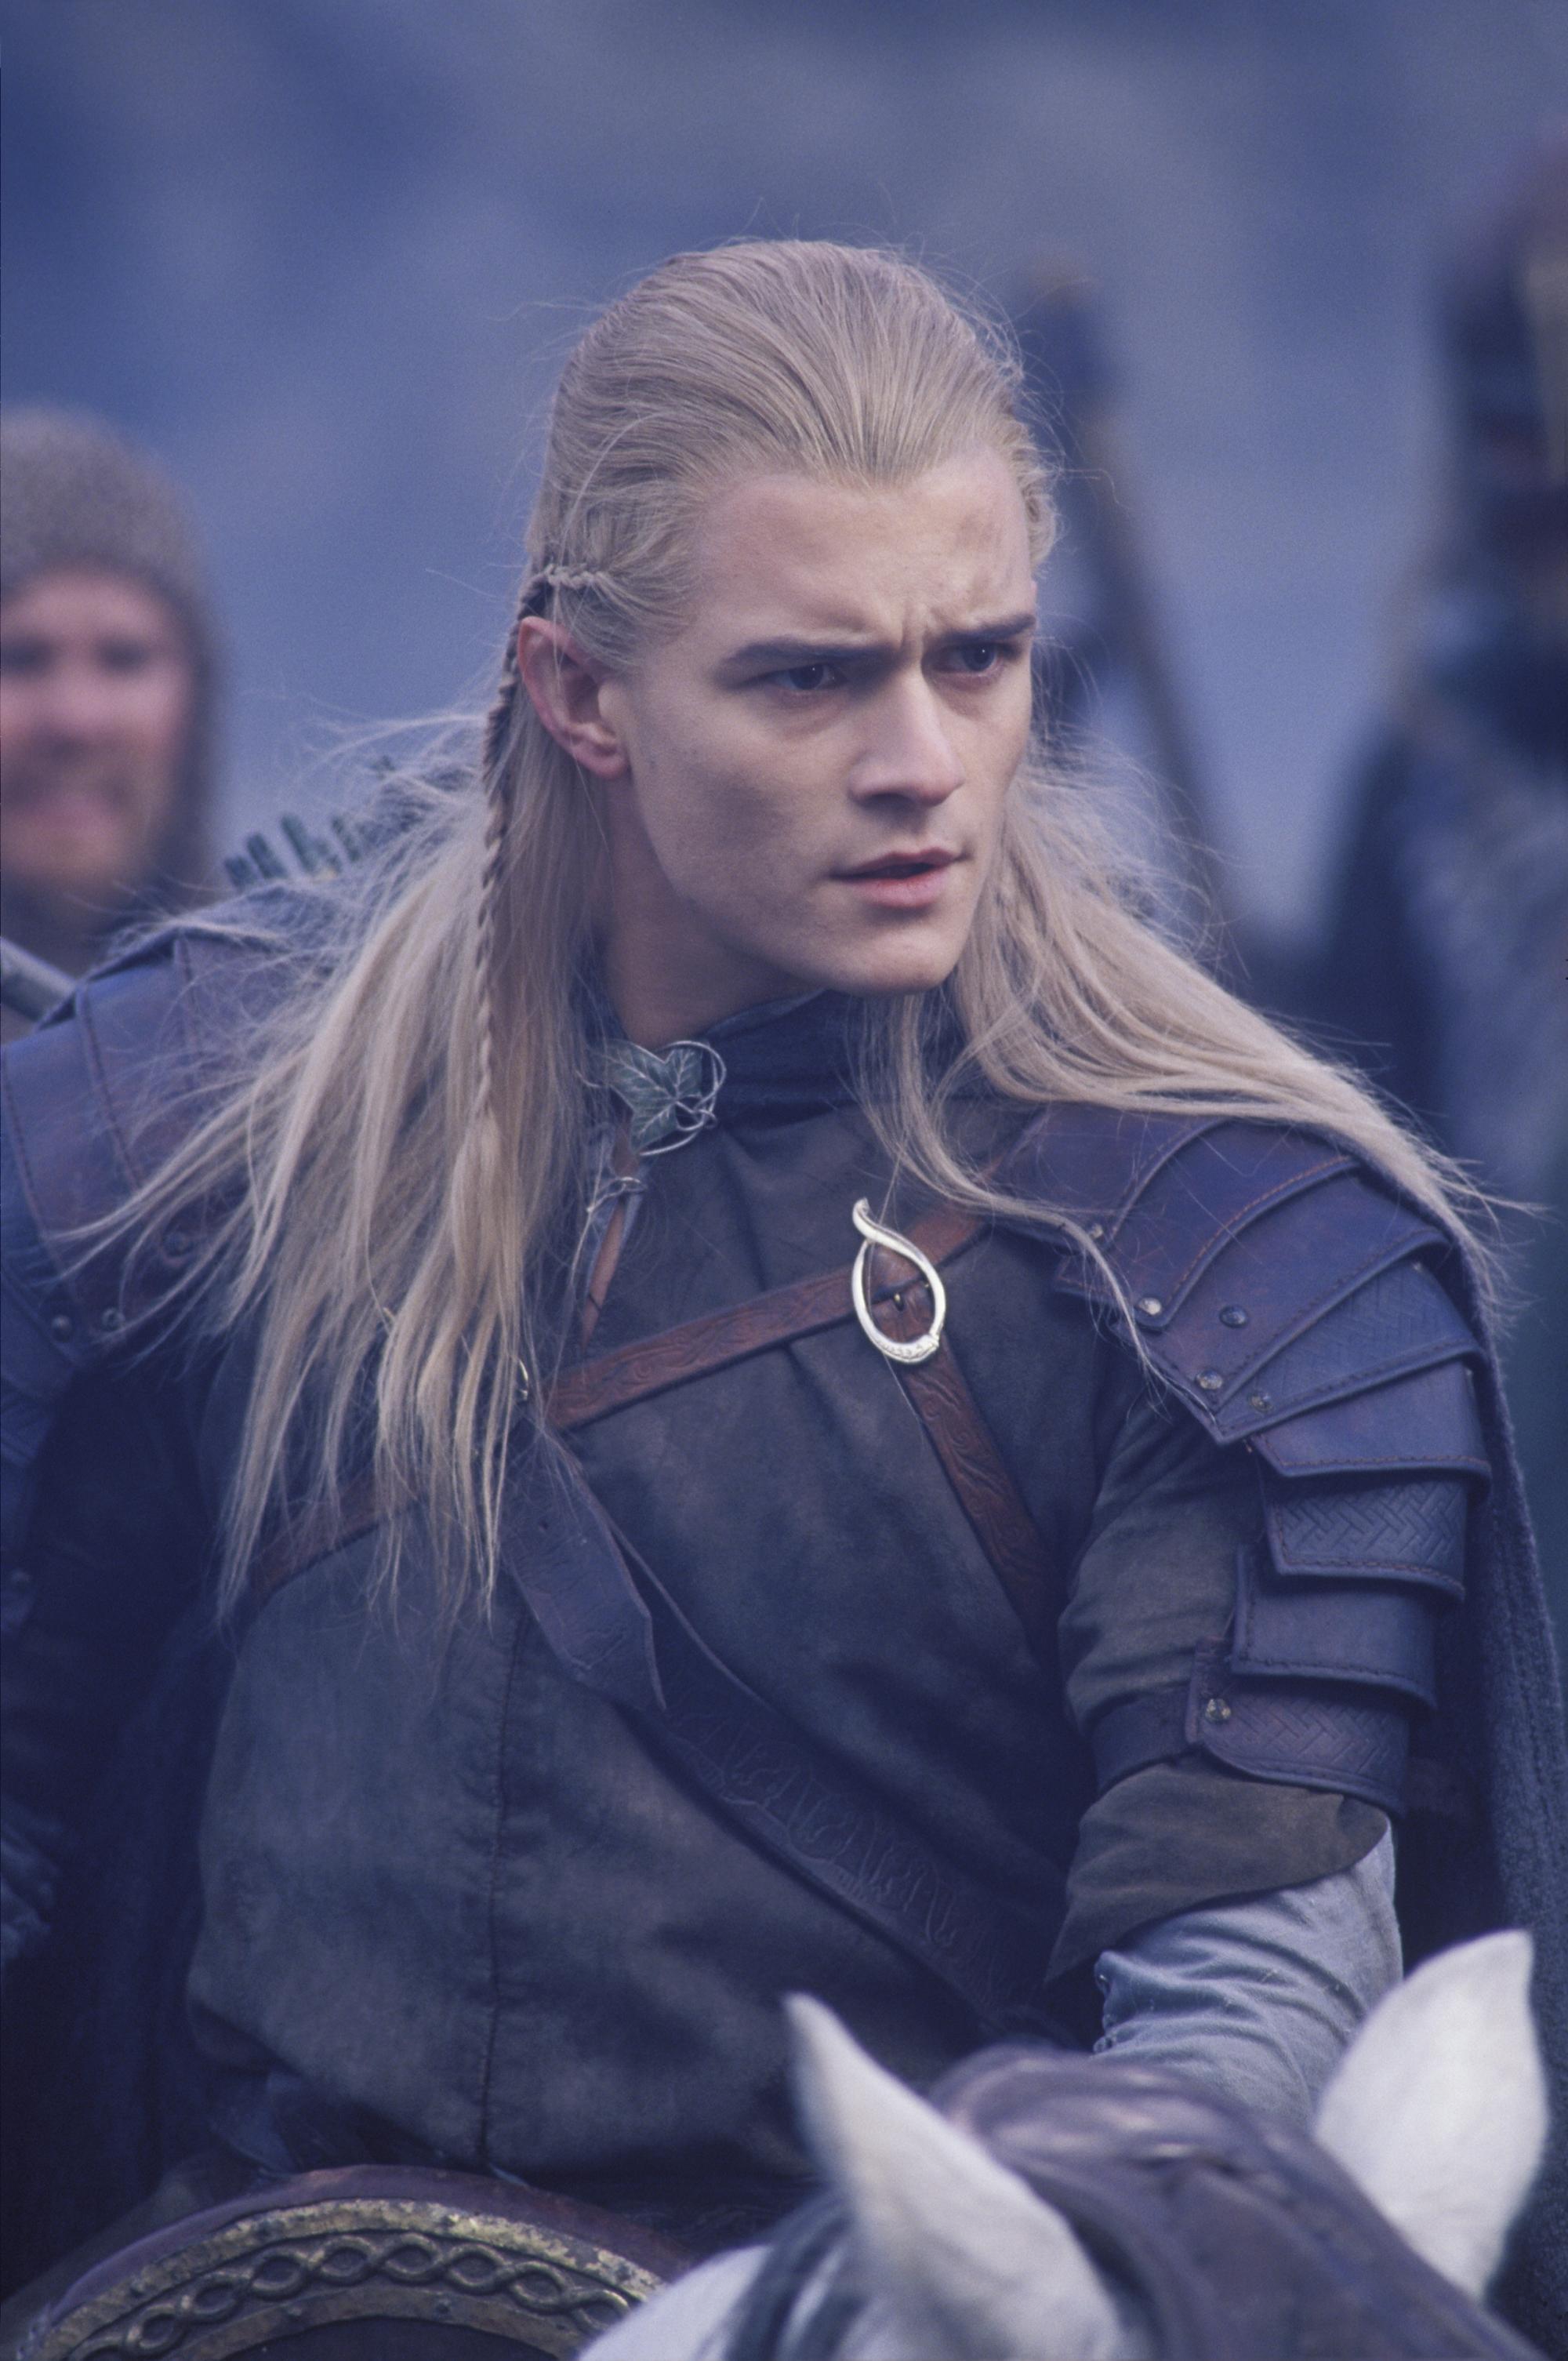 Le Seigneur des Anneaux / The Hobbit #3 14017400000003